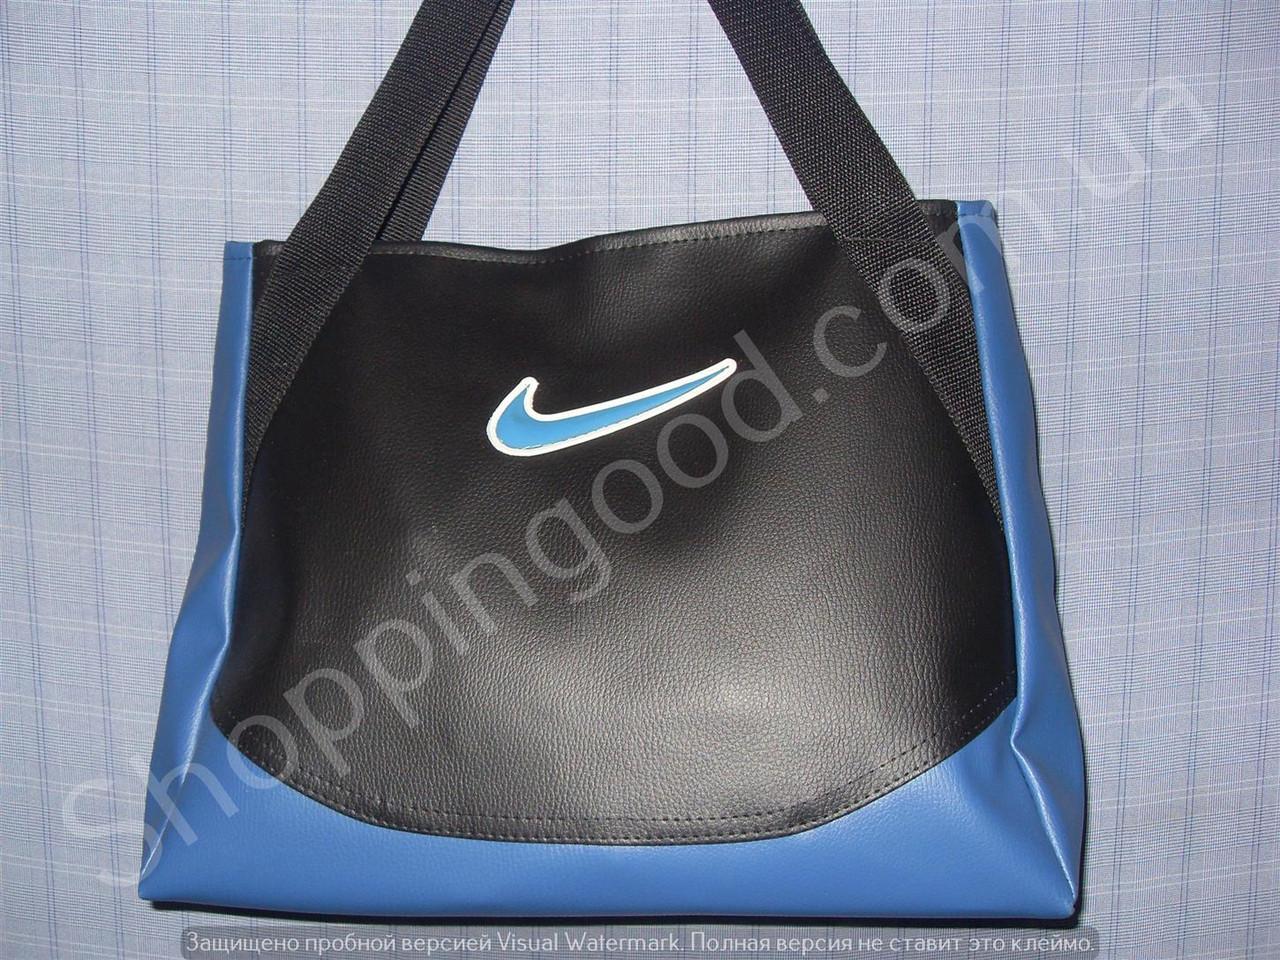 55302d79ca1a Женская сумка Nike 013623 черная с синим дном спортивная городская гладкий  кожзам копия